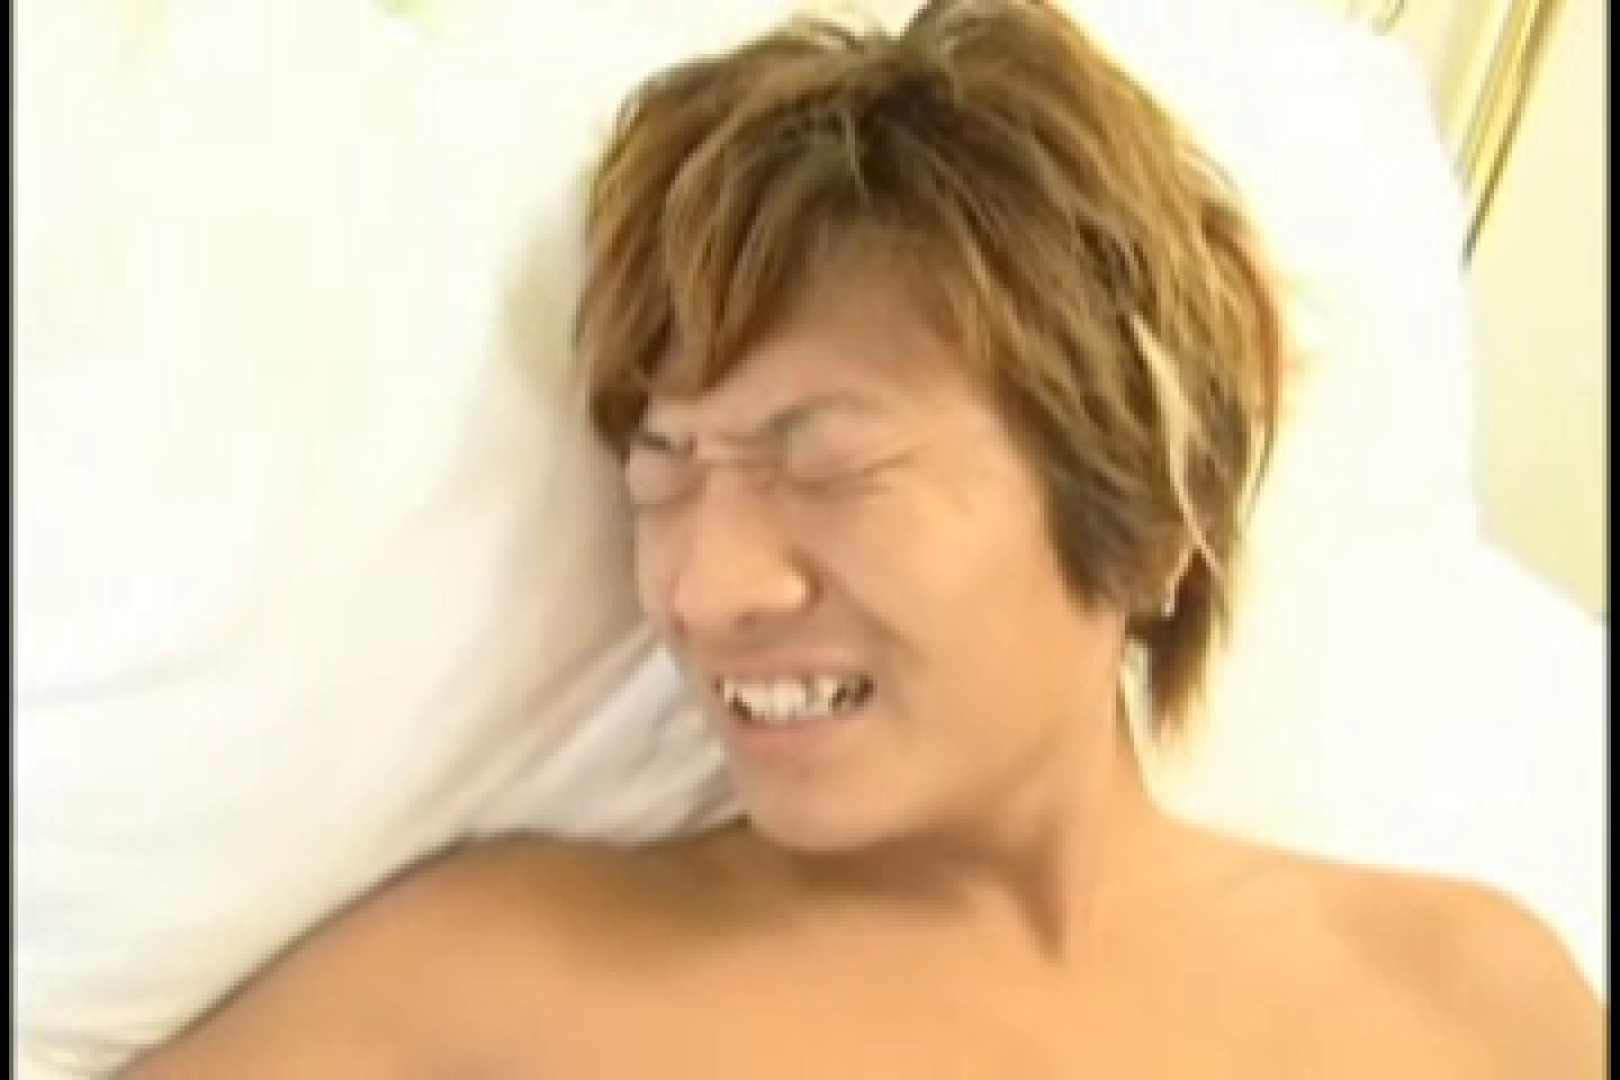 イケメン☆パラダイス〜男ざかりの君たちへ〜vol.27 男・男 ゲイエロビデオ画像 109pic 105